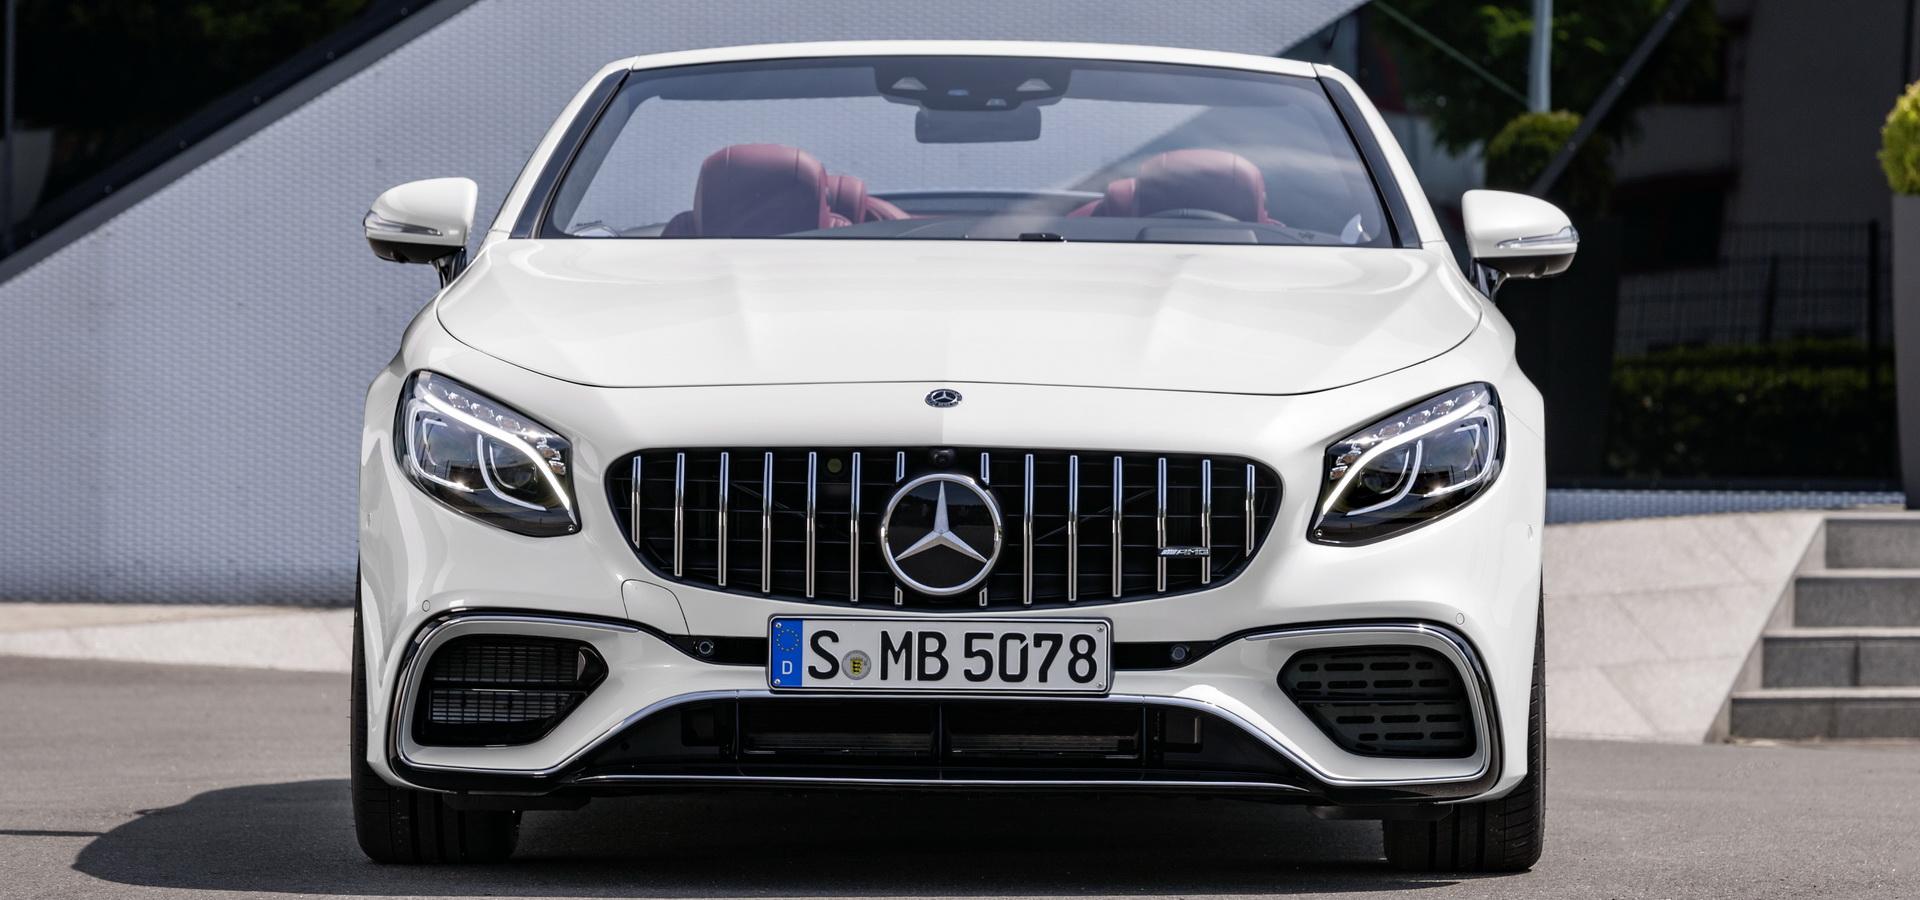 Mercedes Classe S Coupé e Cabrio